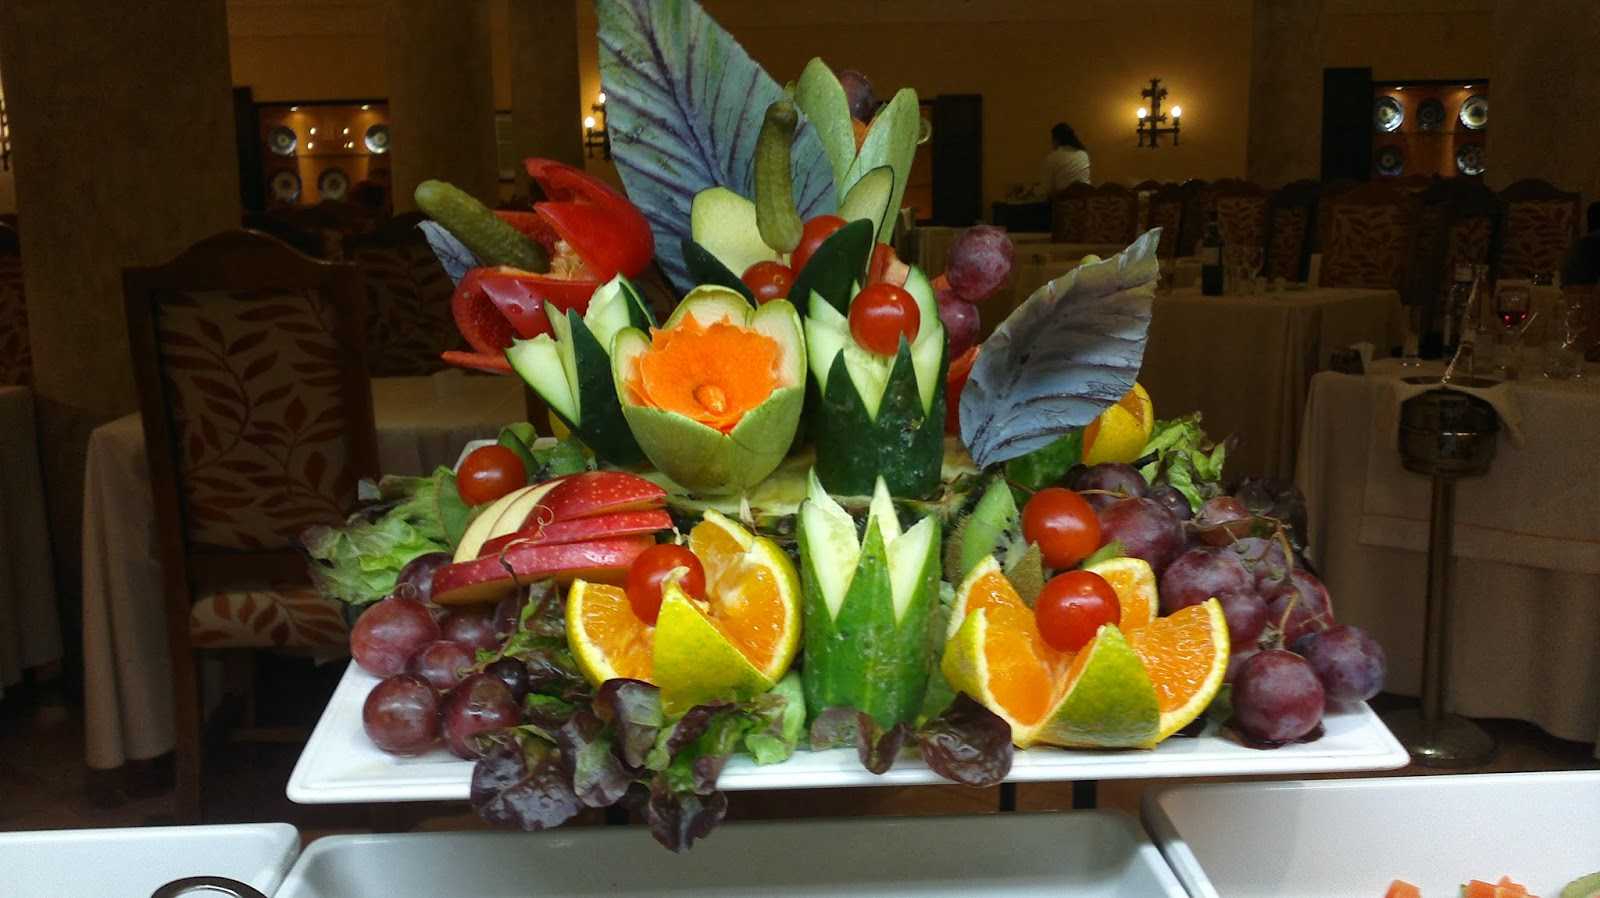 Ensaladas en la mesa decoraci n de frutas y verduras for Como secar frutas para decoracion